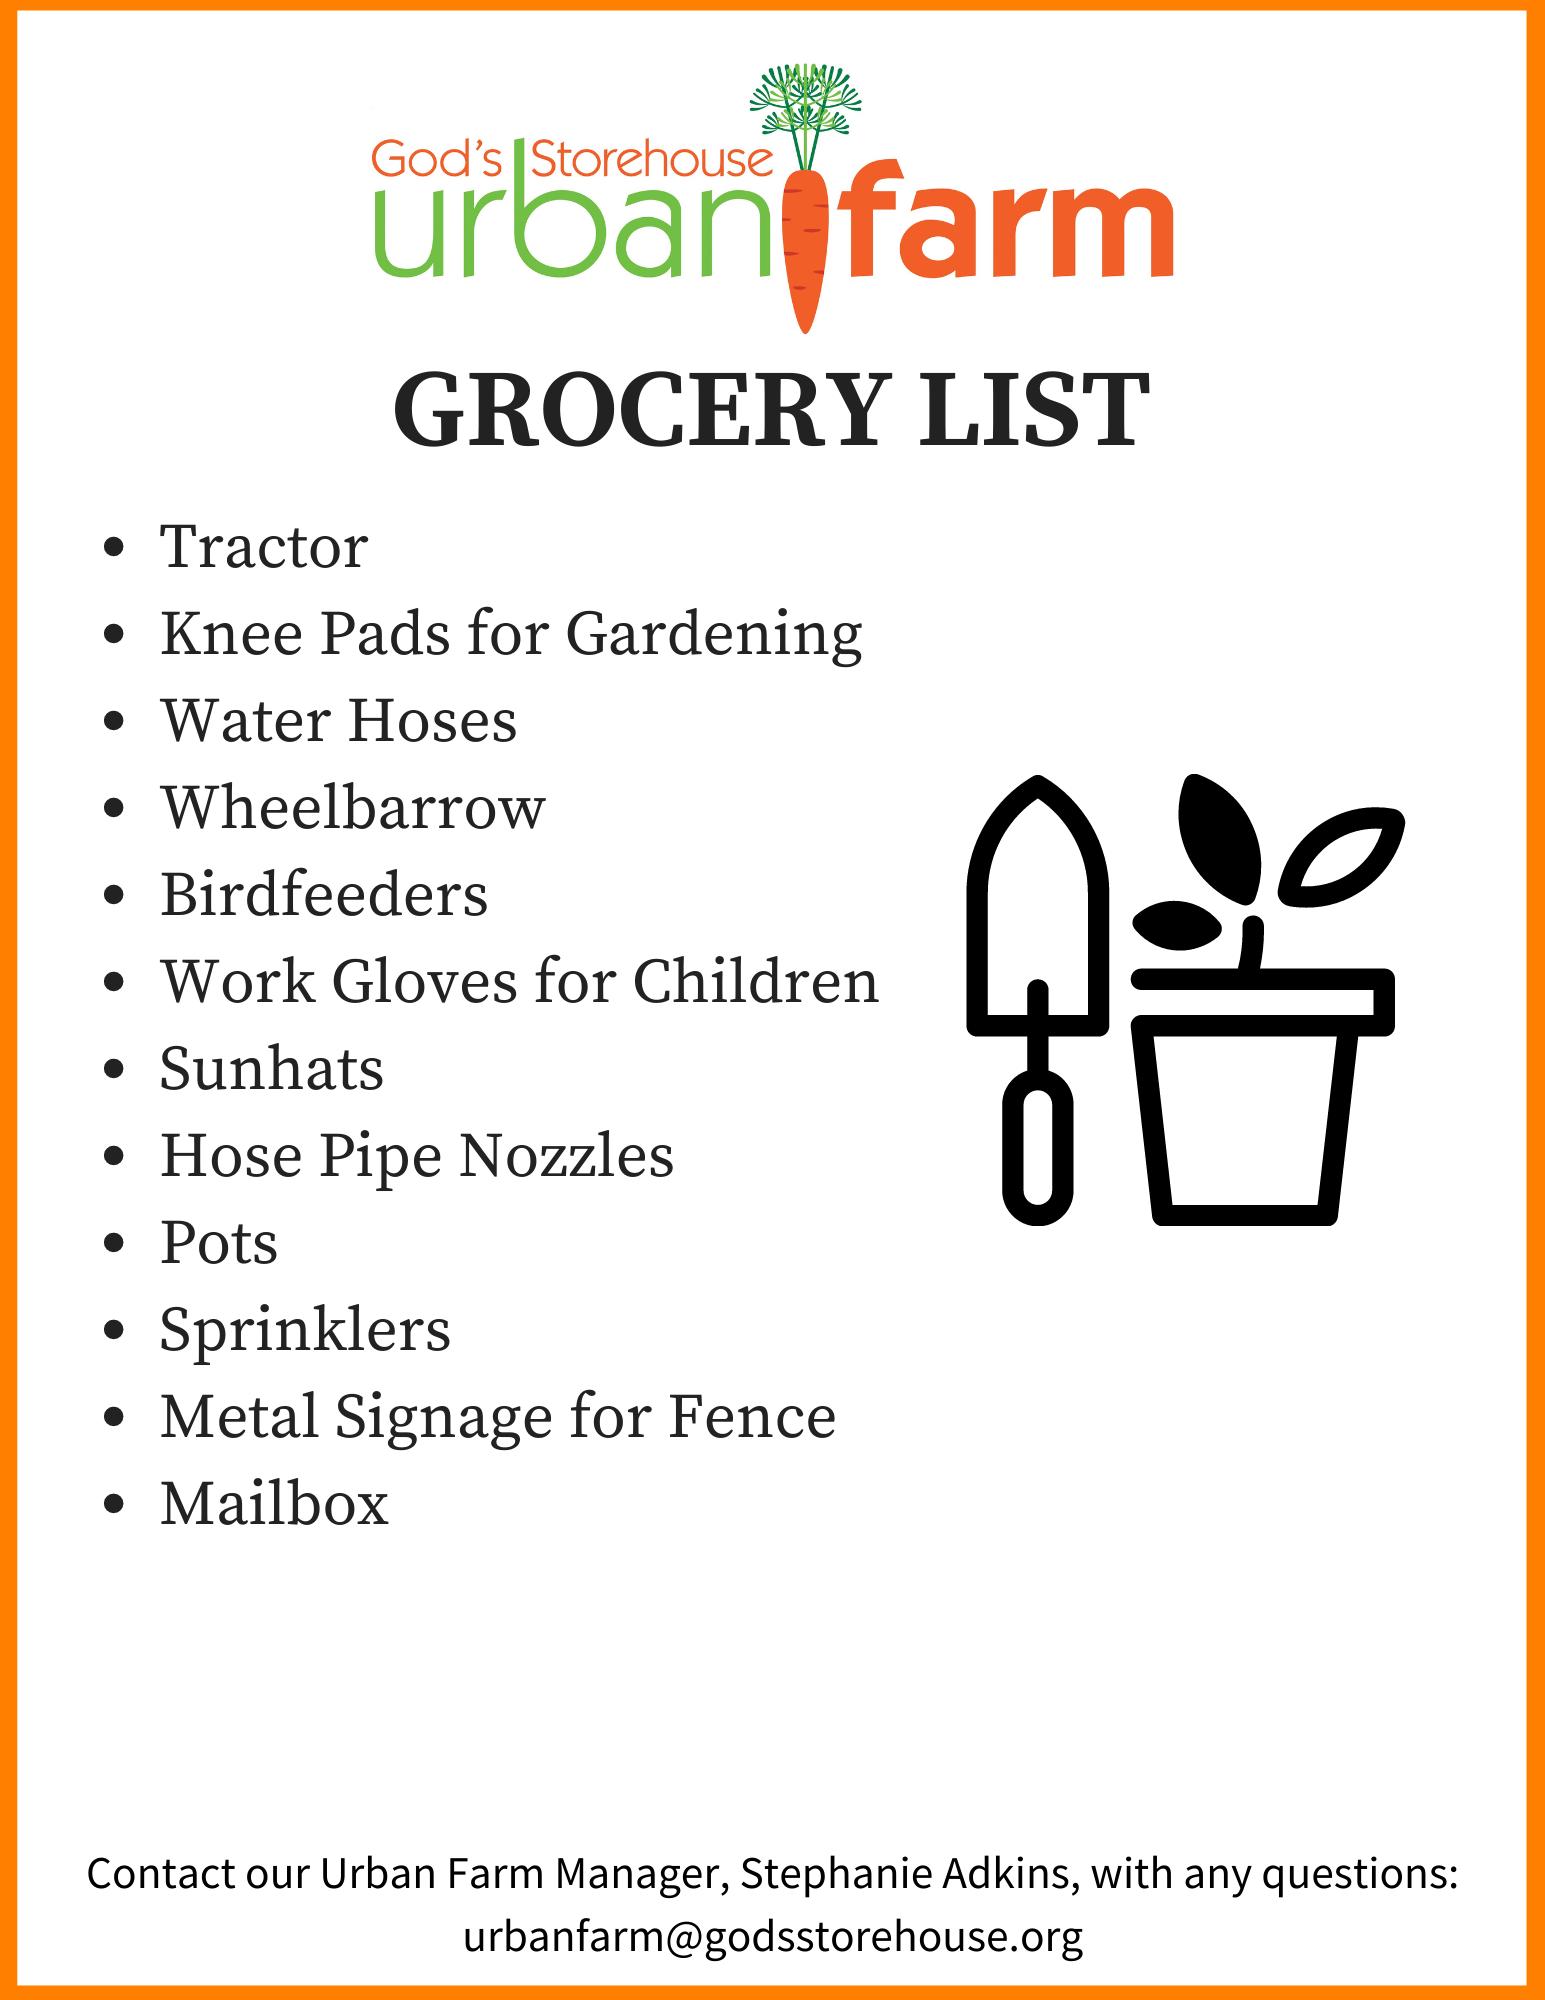 Urban Farm Grocery List